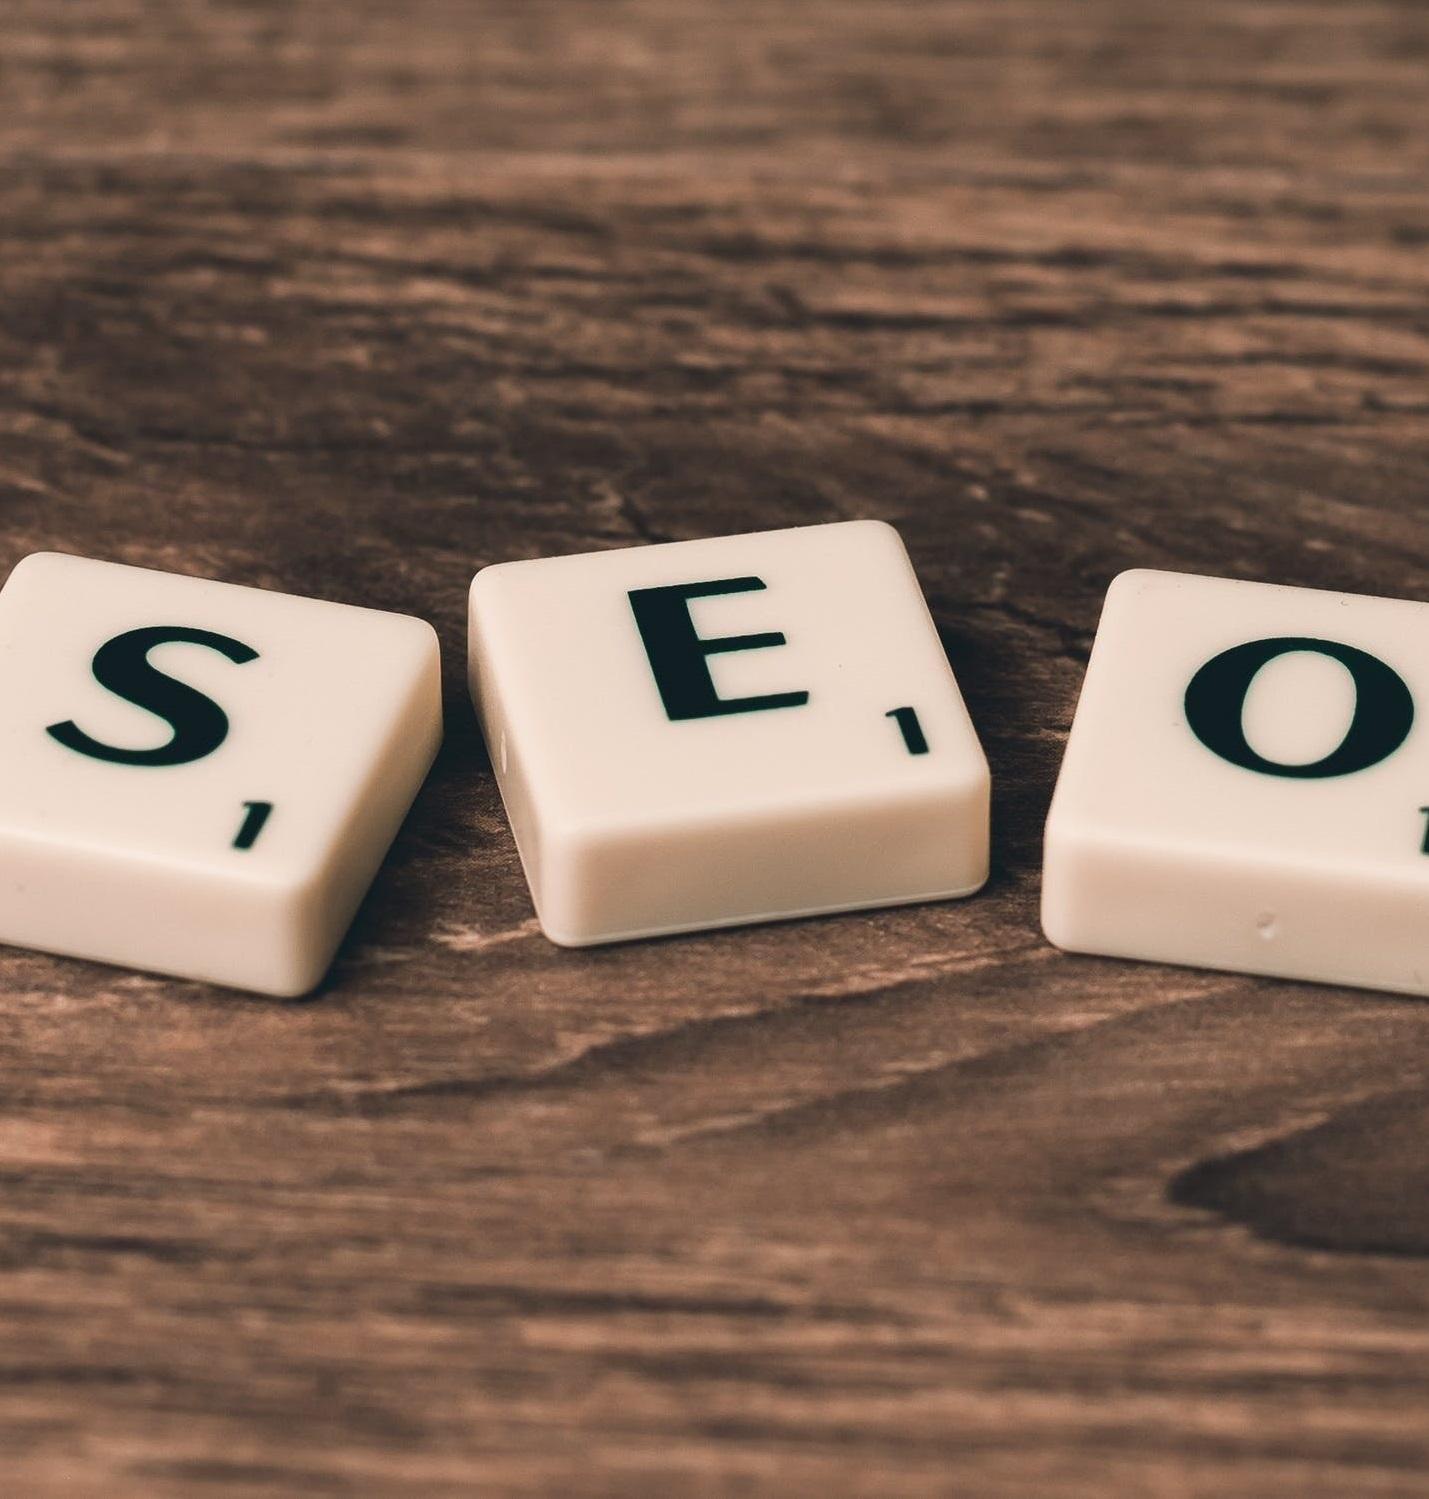 Czym są przyjazne adresy URL i dlaczego warto je tworzyć? - SEO blog